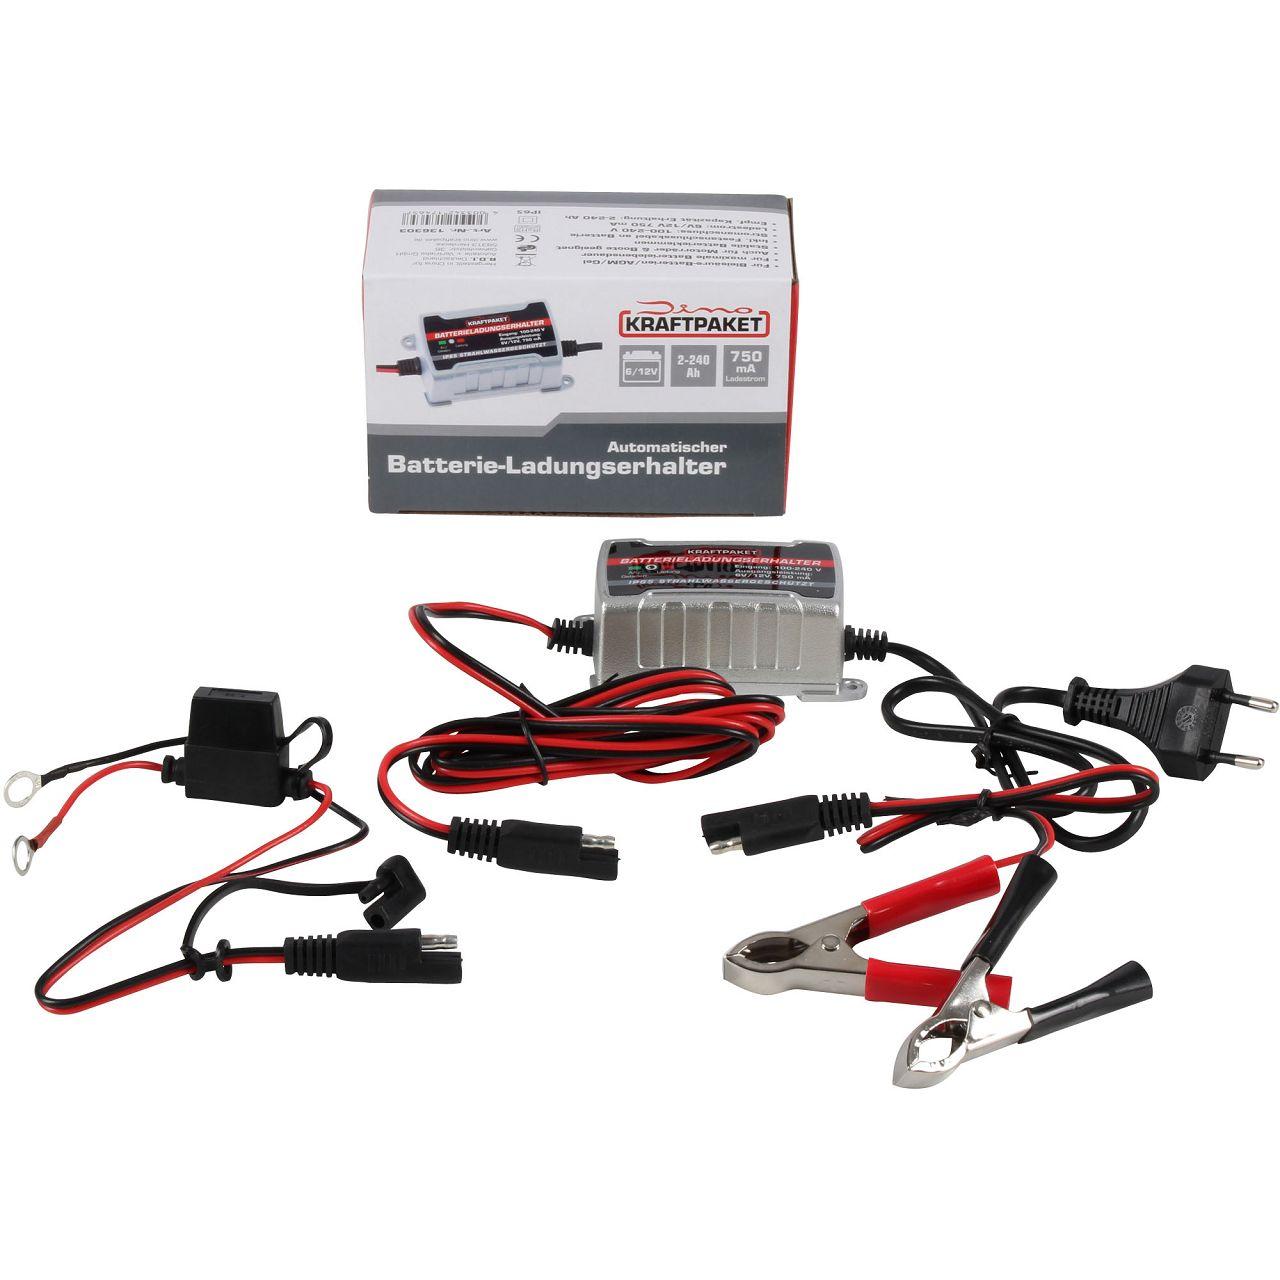 Dino KRAFTPAKET 136303 Batterie Erhaltungsgerät Batterieladungshalter 6V 12V